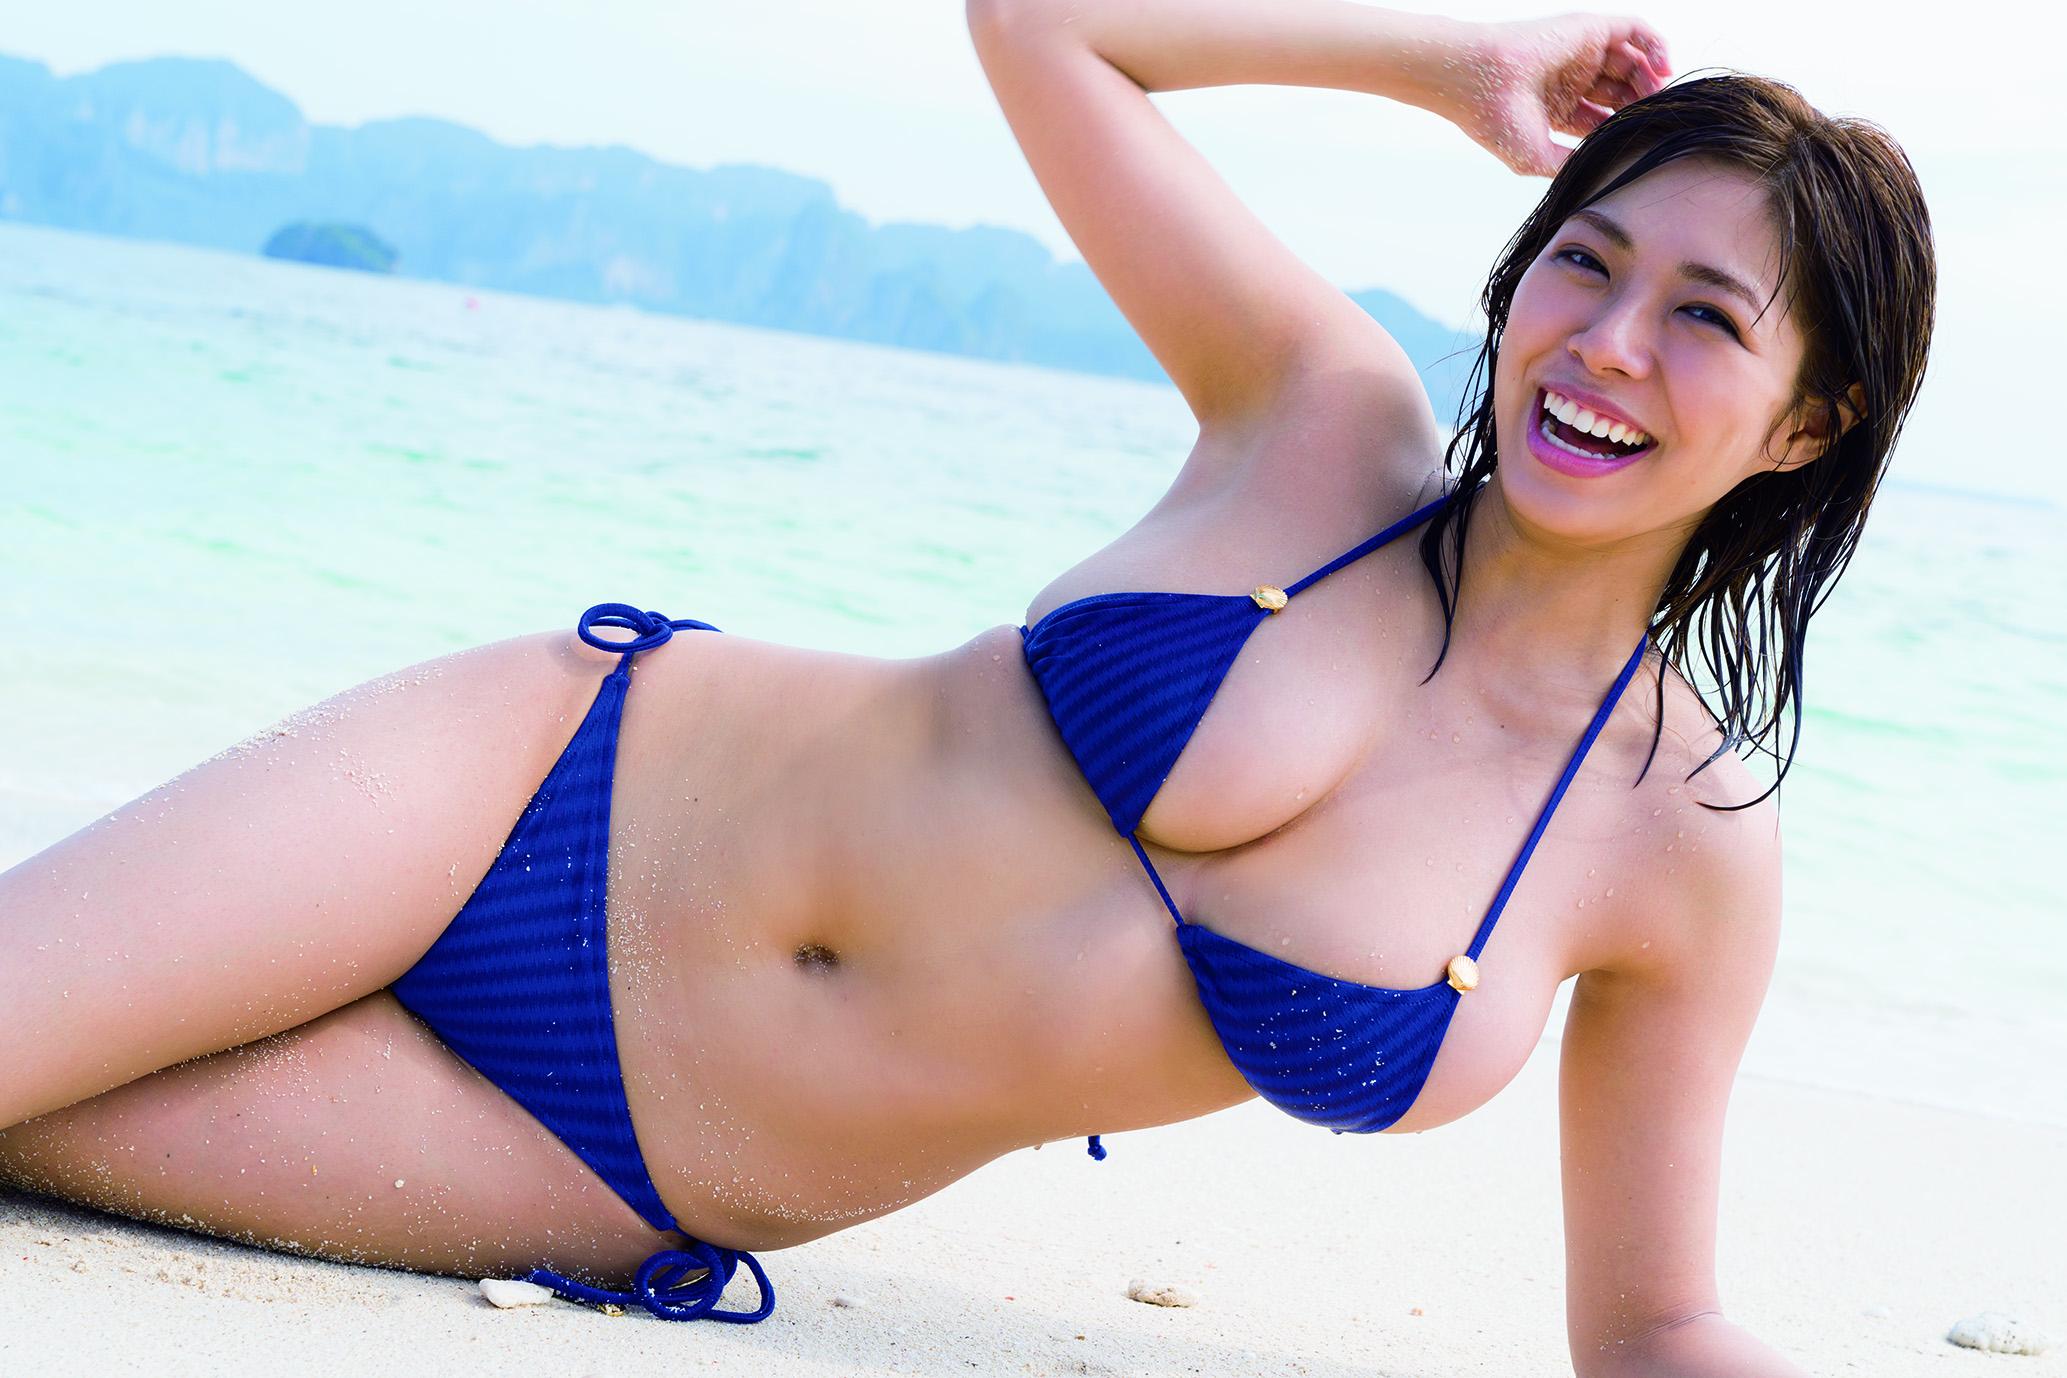 わちみなみ/ファースト写真集「わちゅらる」/グラビアアイドル・水着